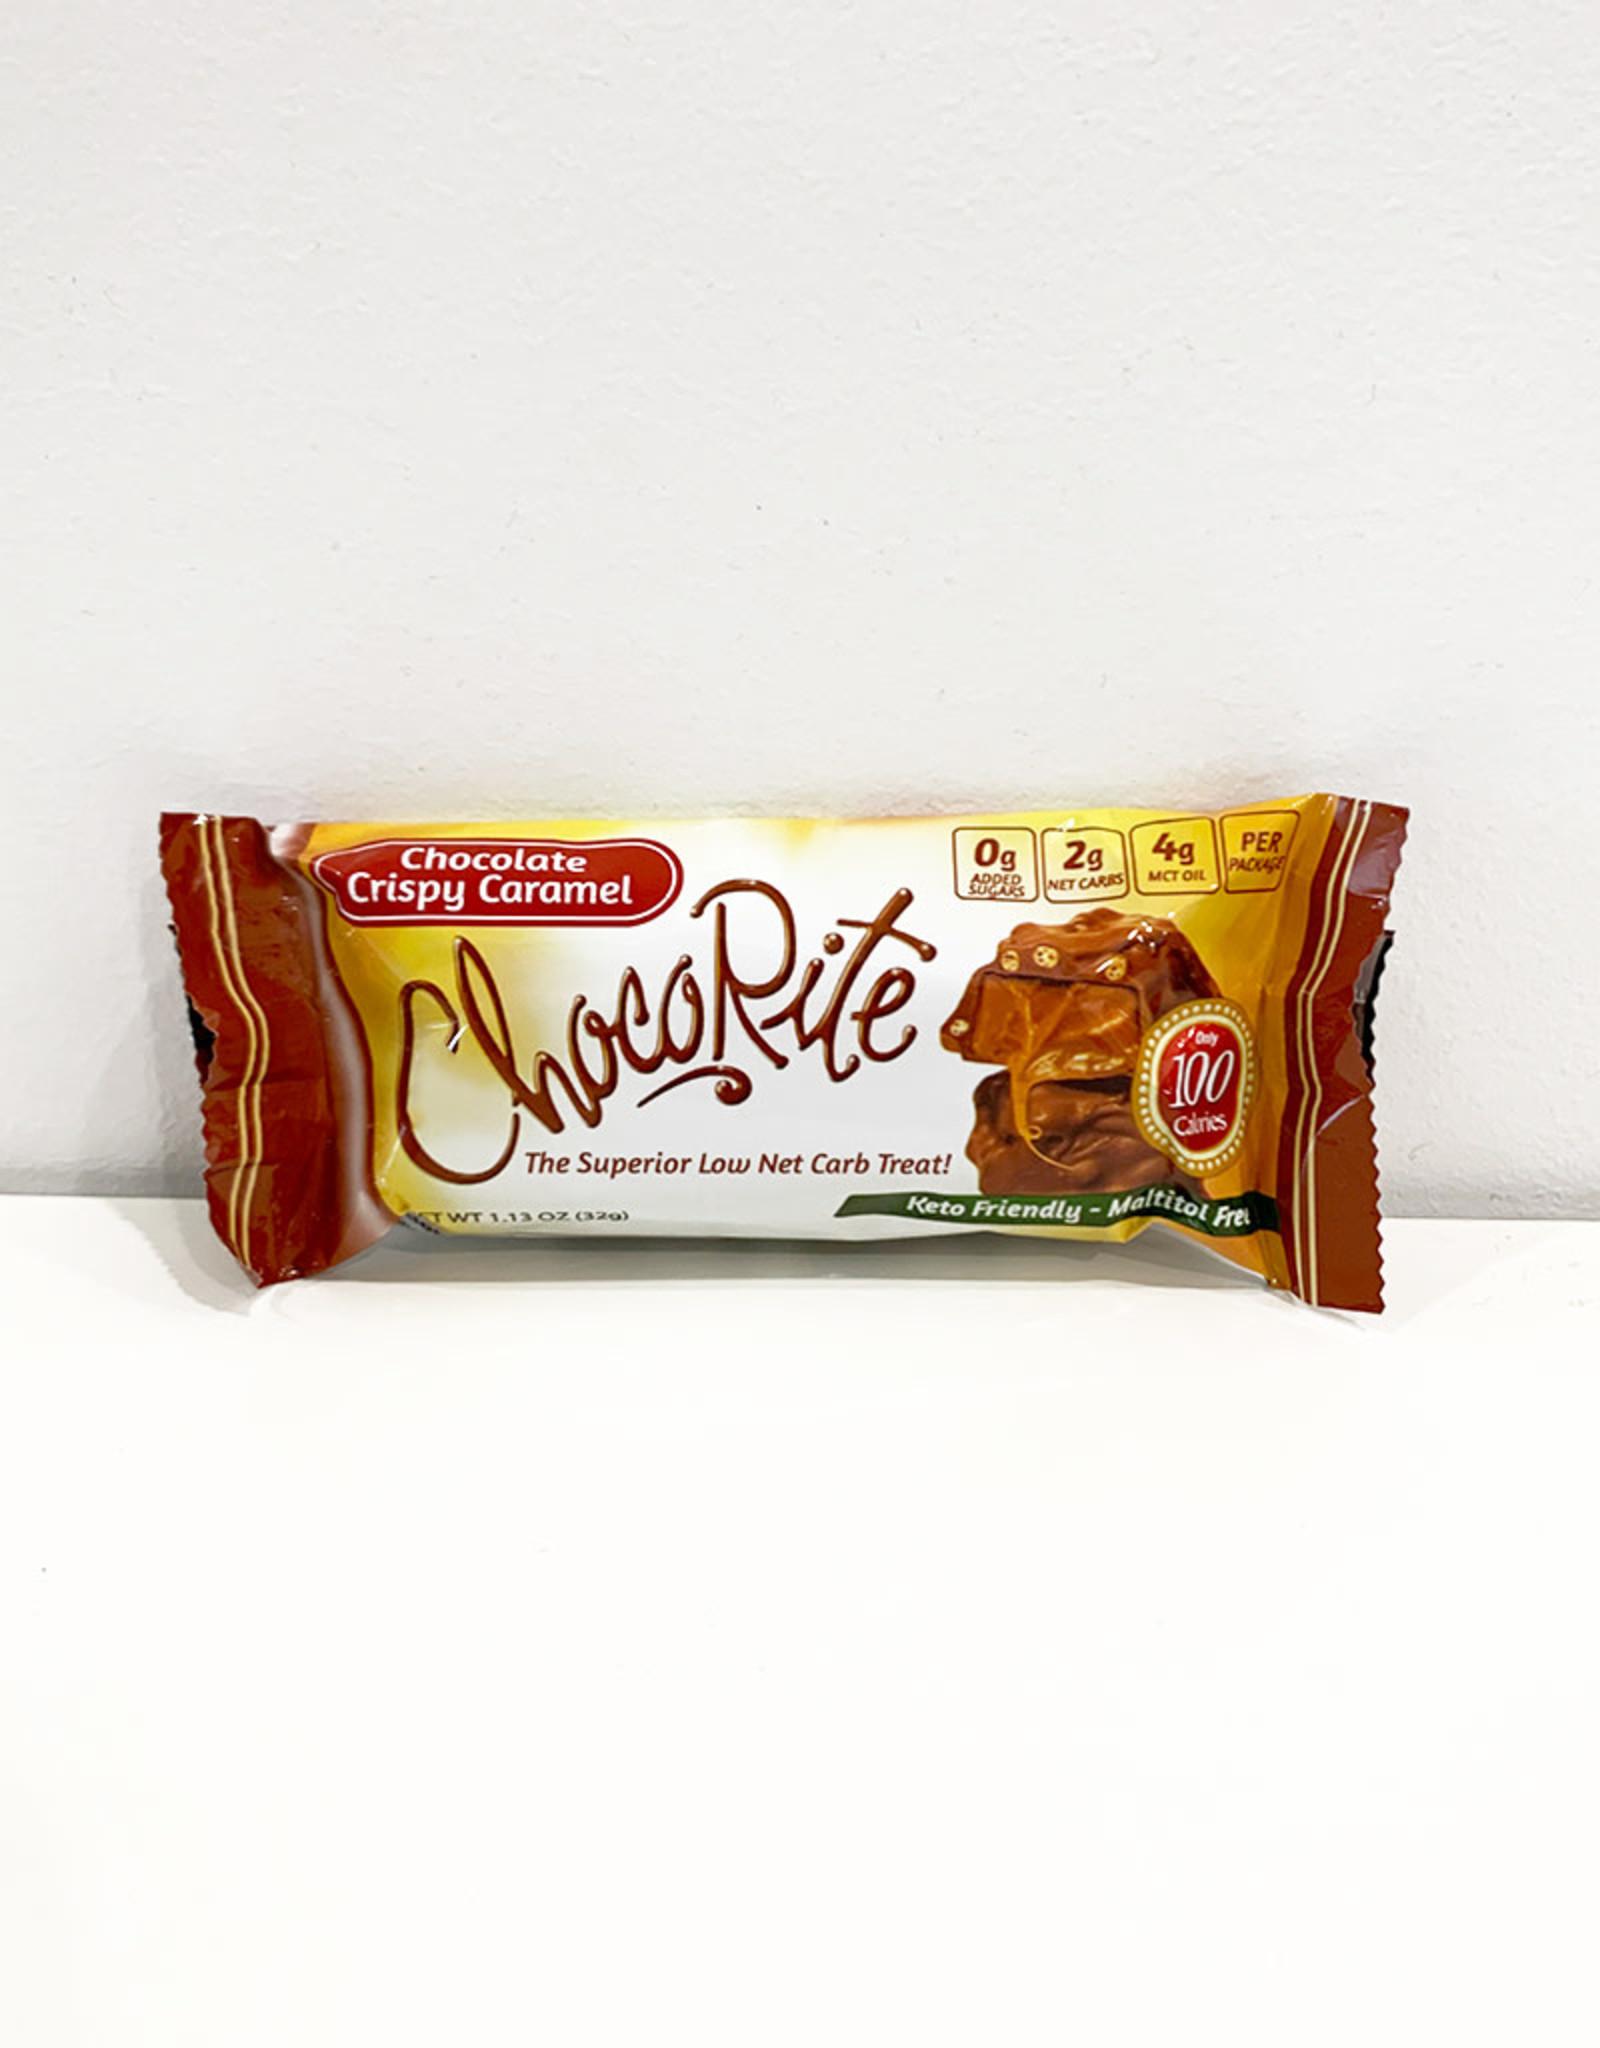 ChocoRite ChocoRite - Bars, Chocolate Crispy Caramel (32g)